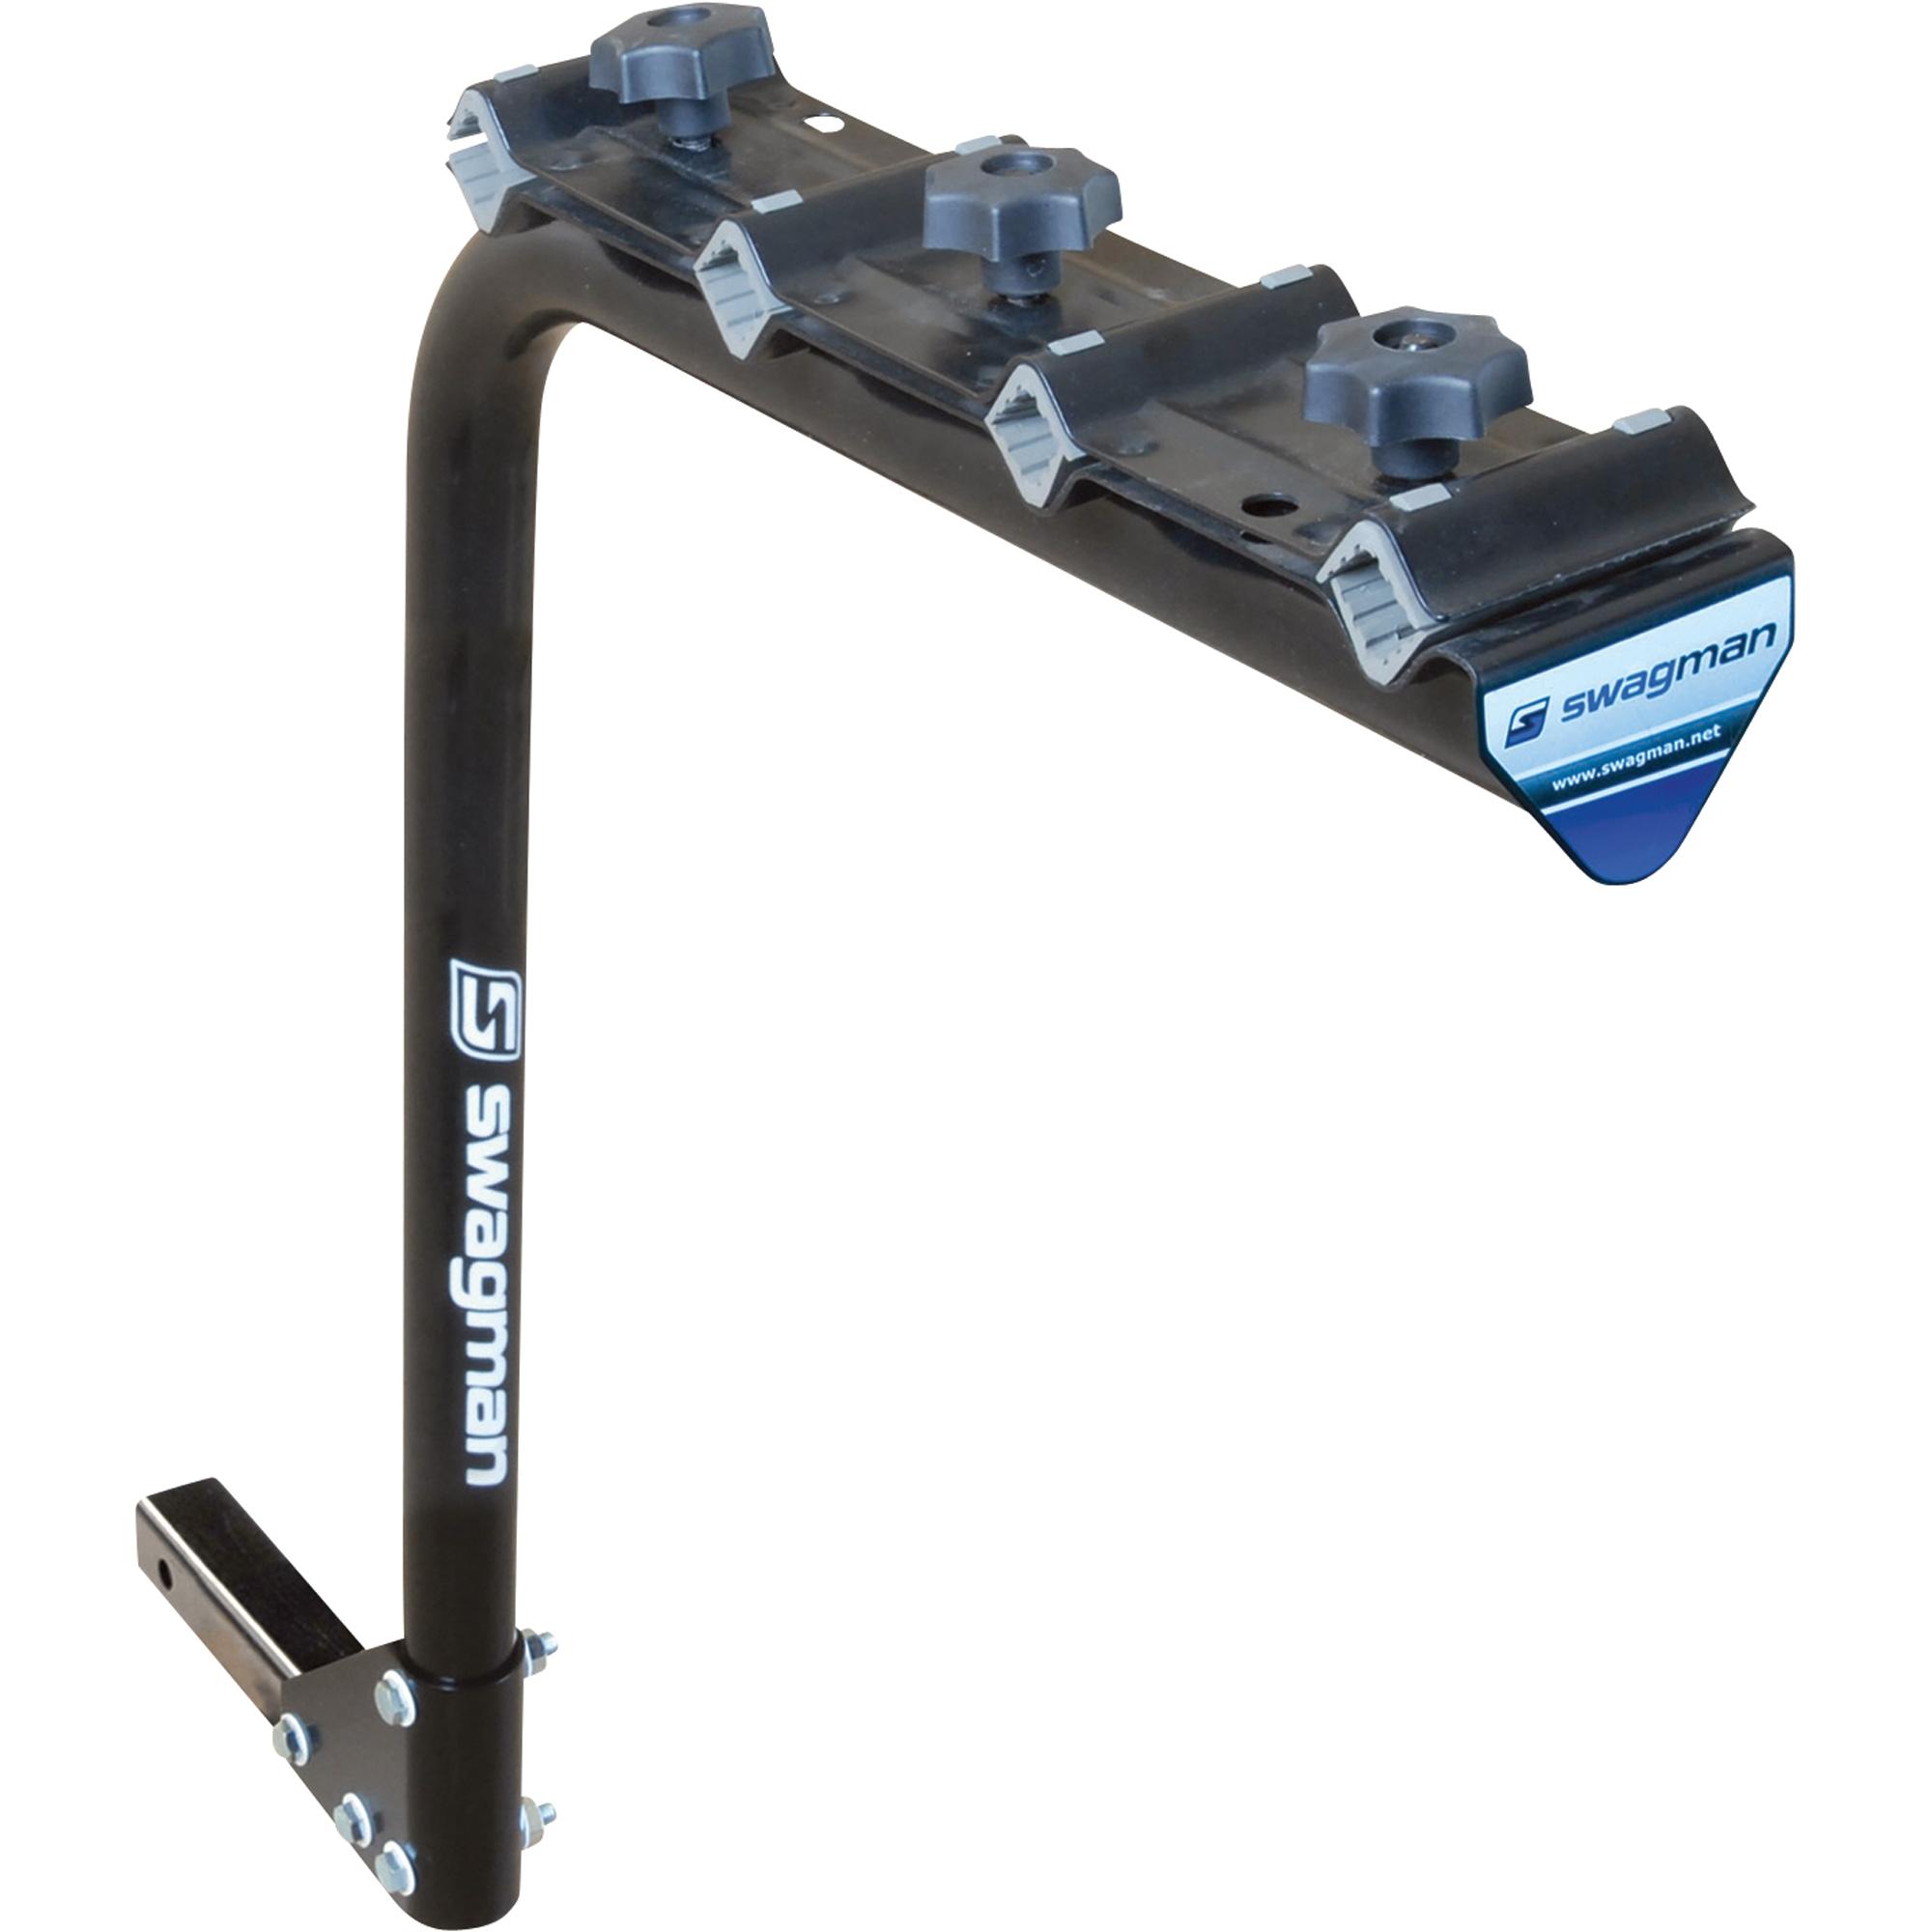 advantage exclusive swagman 4 bike hitch mount rack model 64400